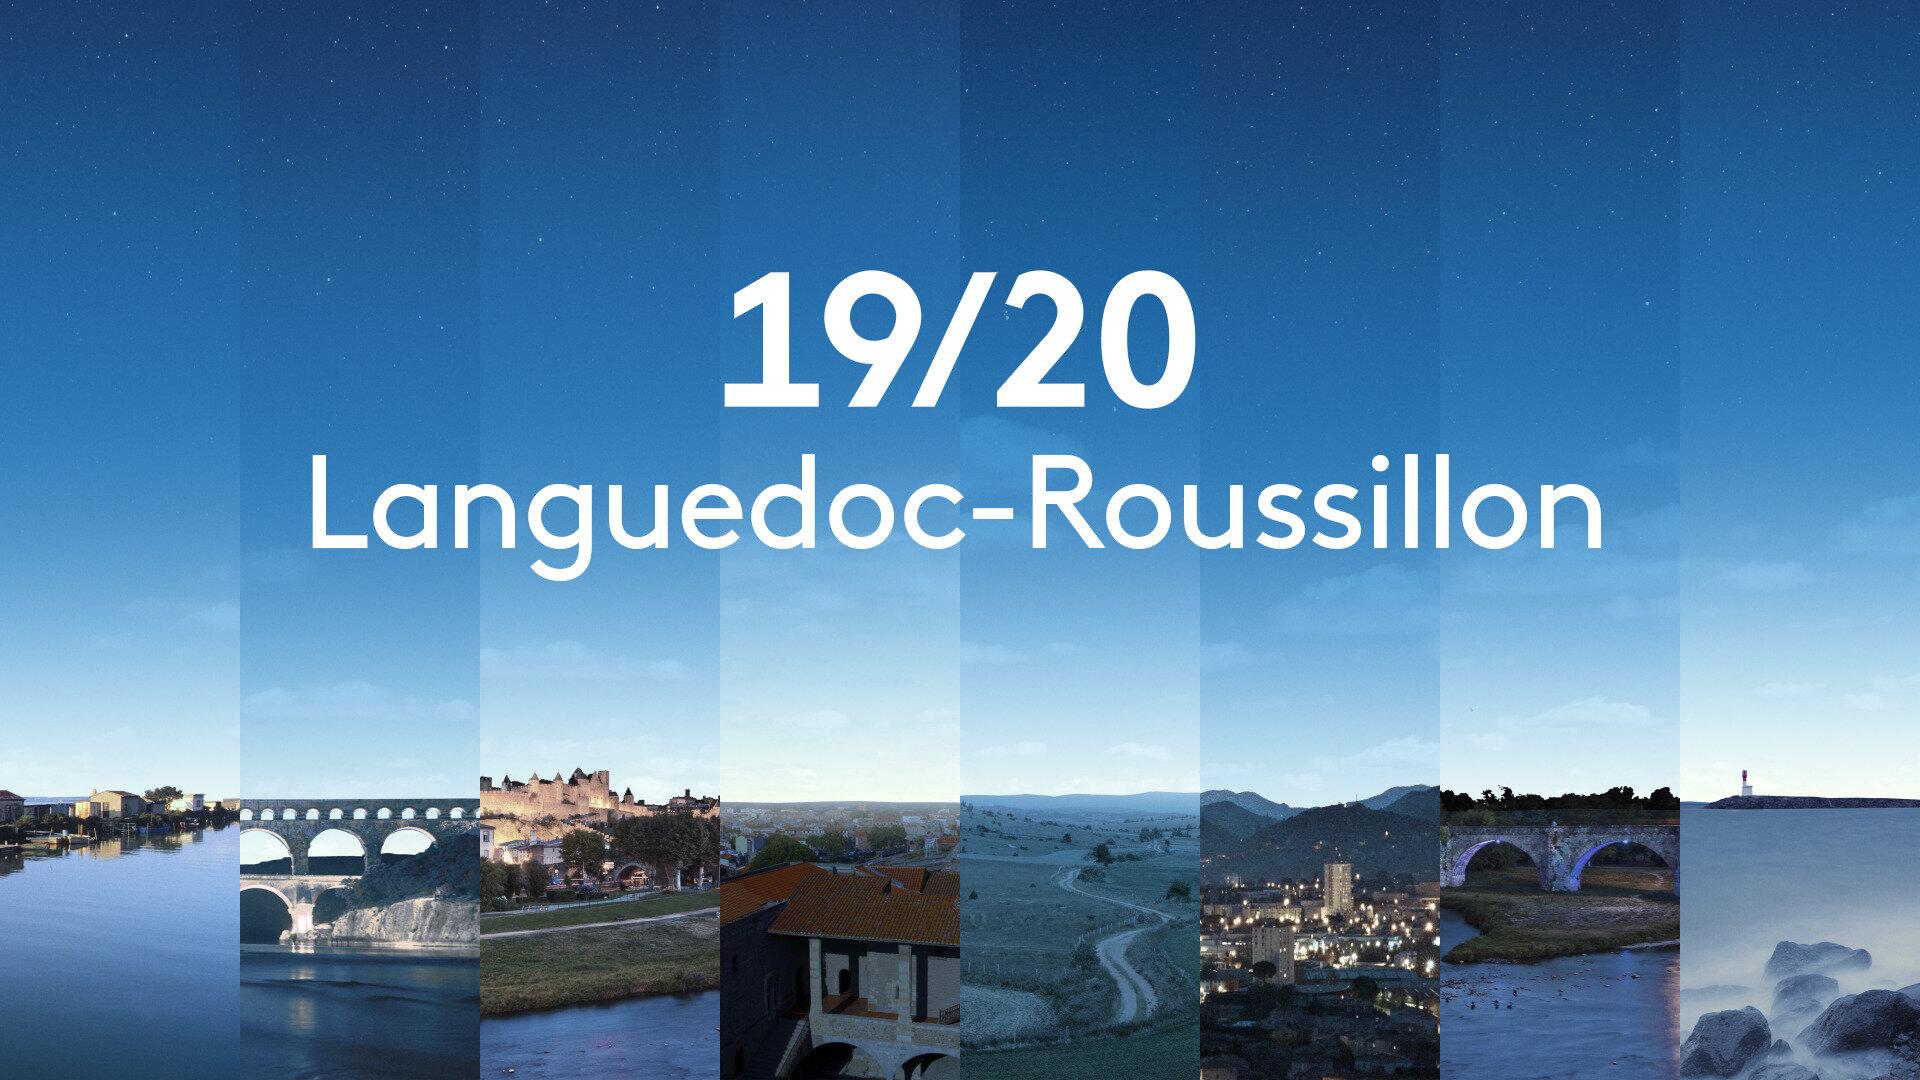 19/20 Languedoc-Roussillon